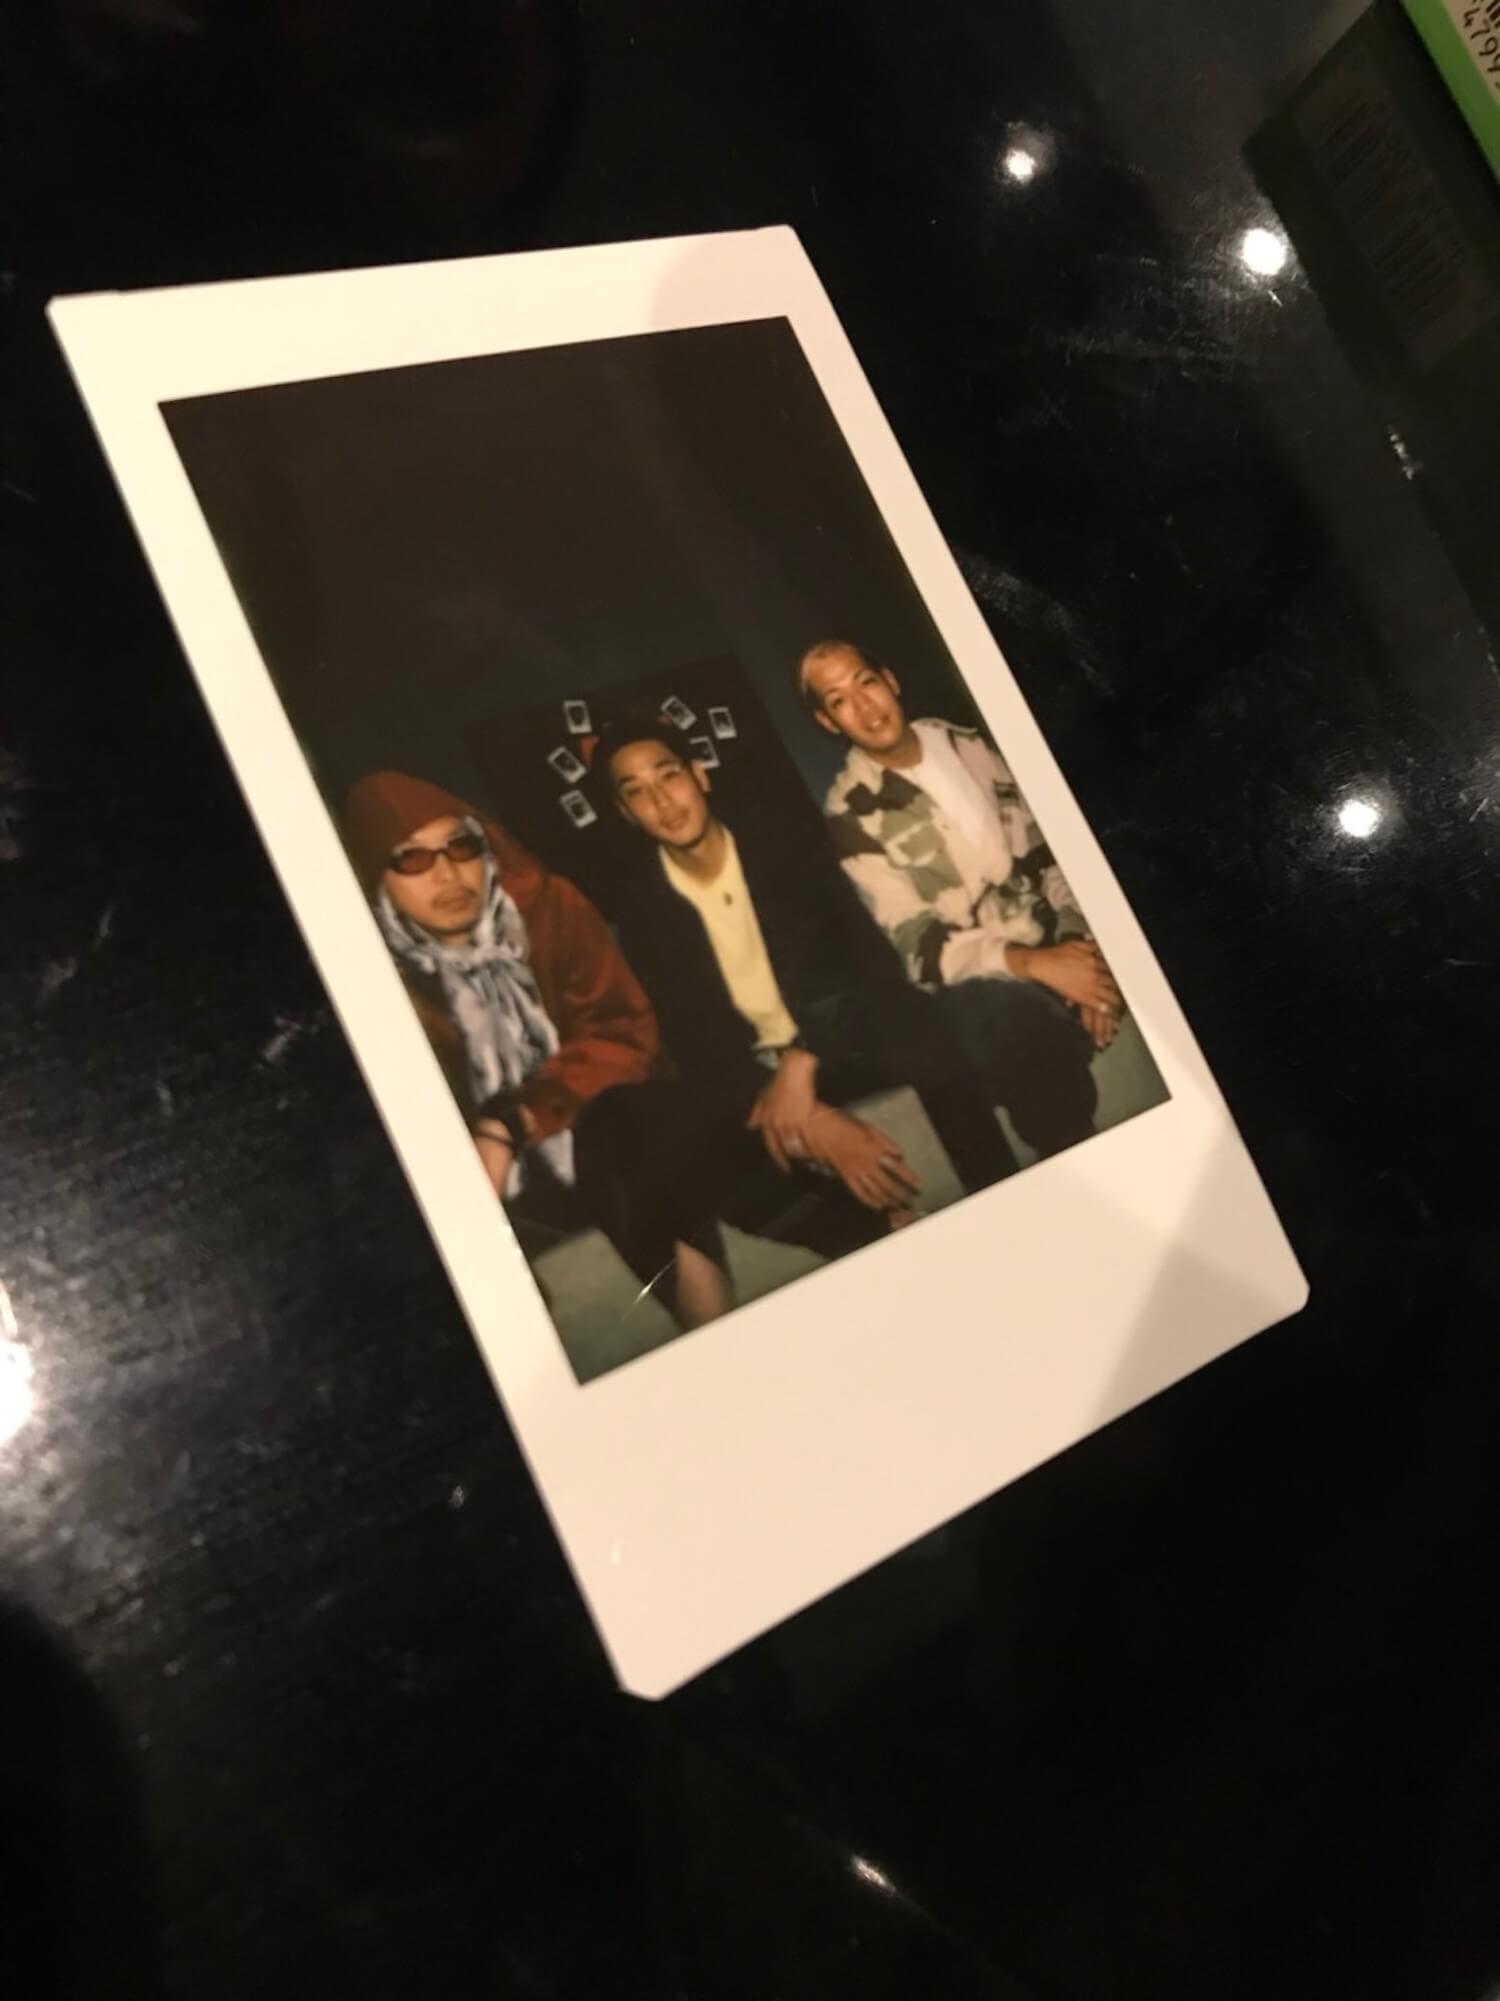 【フォトレポ】RED BULL MUSIC FESTIVAL TOKYO 2018|「Plug」by YENTOWN red-bull-music-festival-tokyo-2018-plug-yentown-8